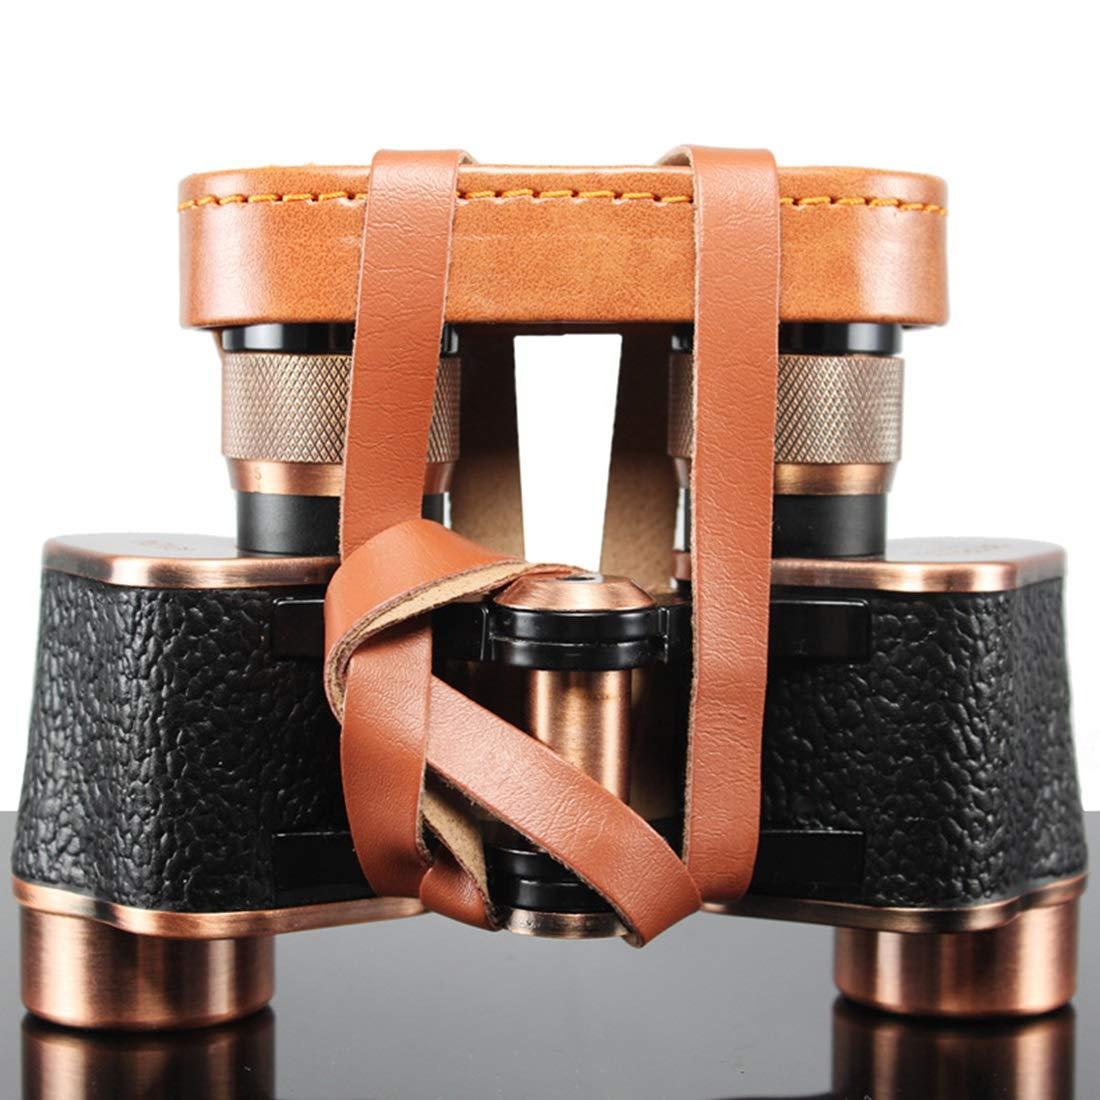 【新品】 Foxsed-five 大人の子供のための6x24コンパクトレトロ双眼鏡 Foxsed-five。 B07LCFK29X Copper コンサートシアターのための弱い光のナイトビジョンを持つミニメタル折りたたみTelessopeオペラ旅行ハイキングバードウォッチング Copper B07LCFK29X, 風の谷ファーム:3222909b --- a0267596.xsph.ru